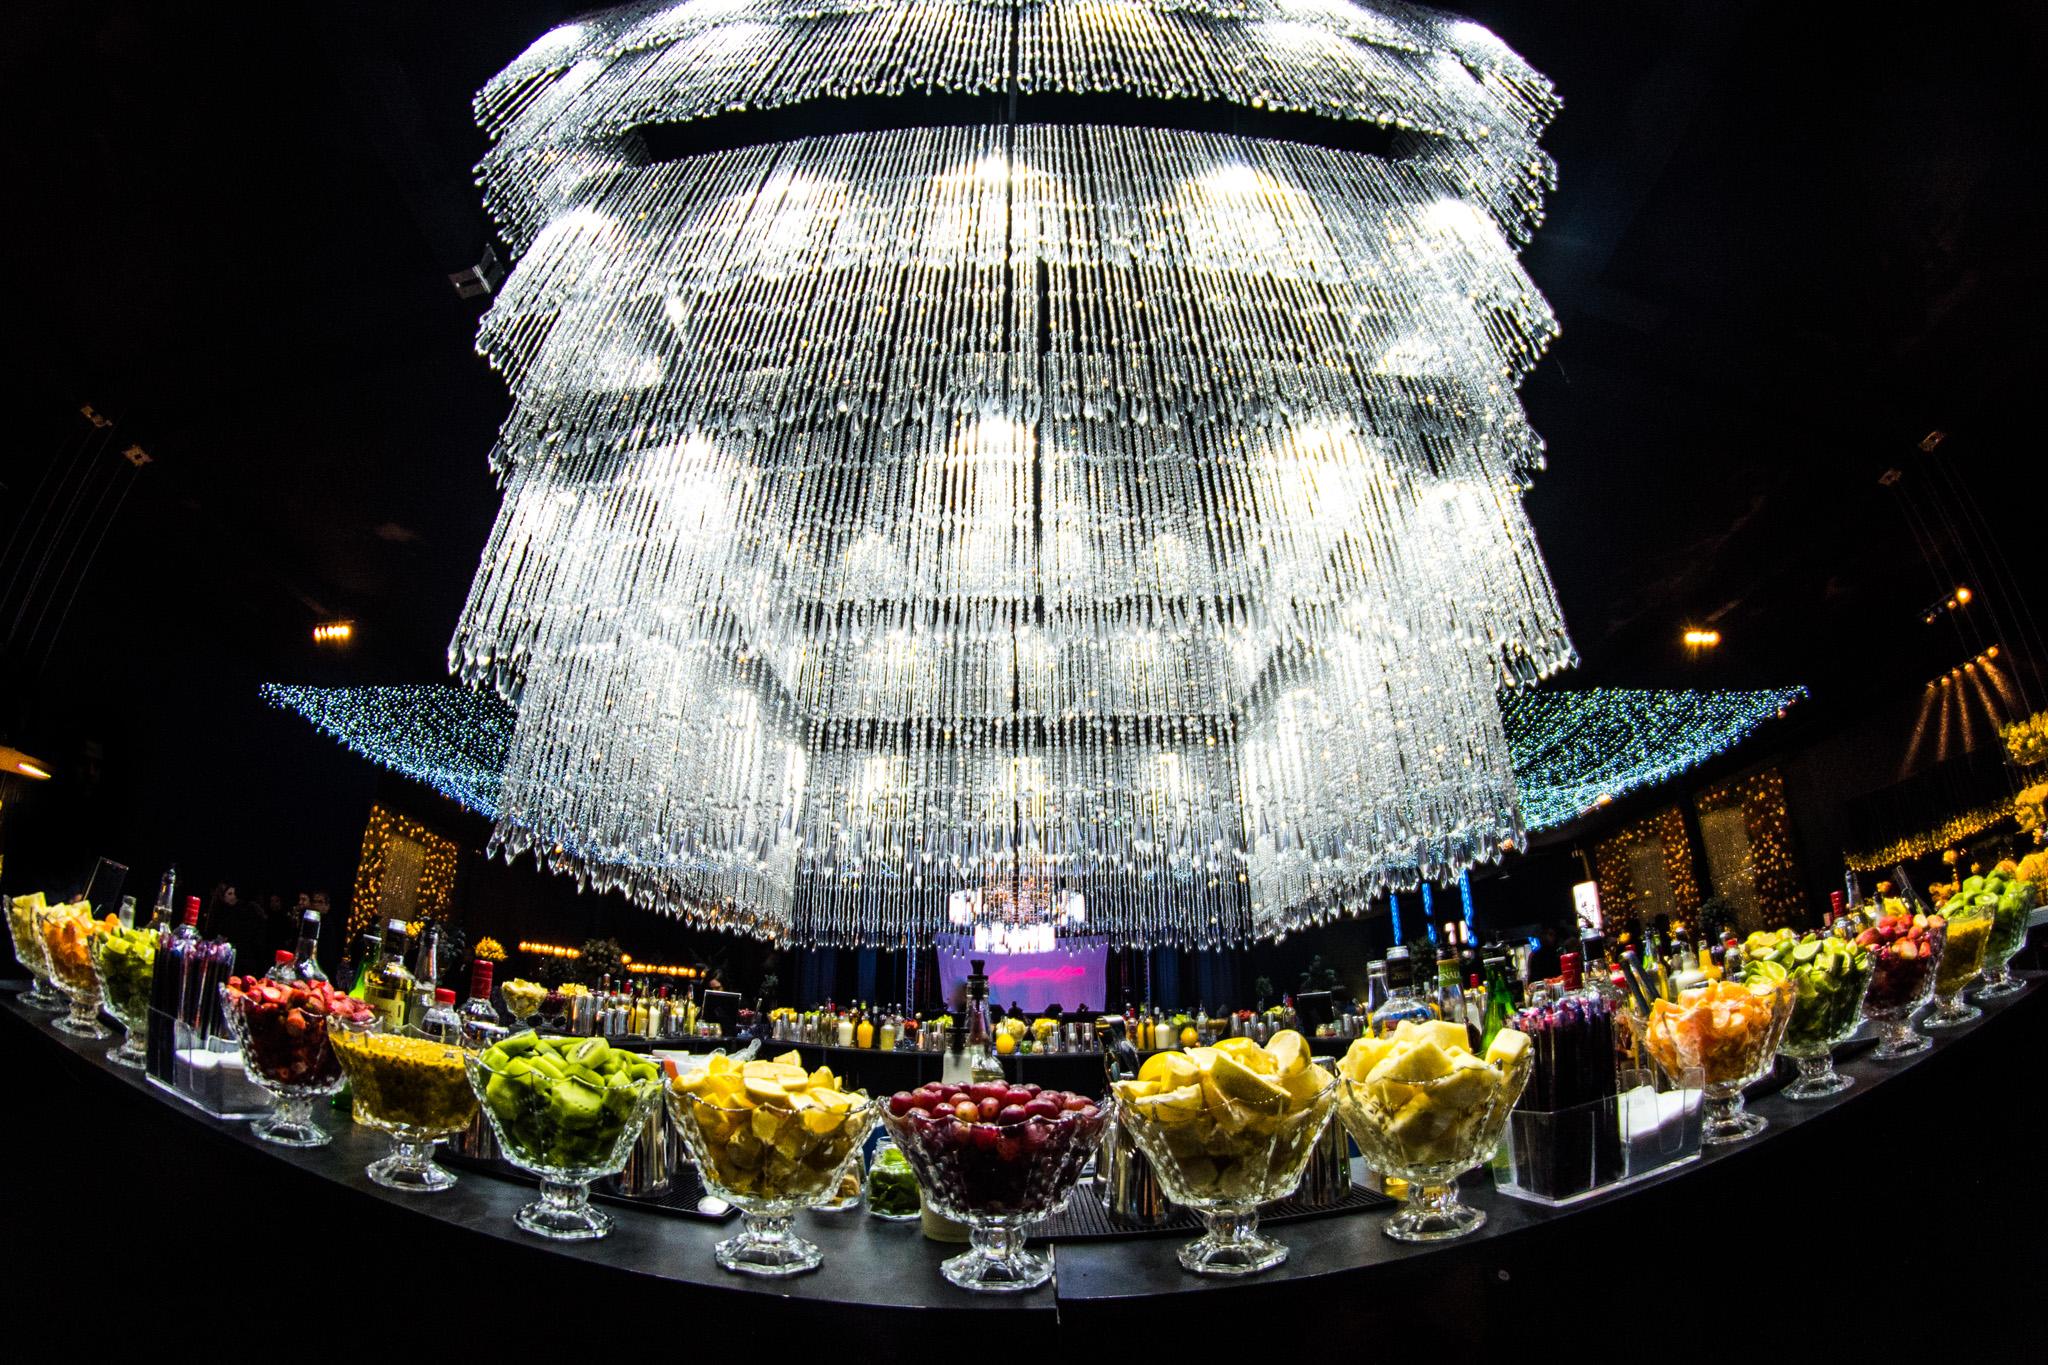 Bar de caipirinhas com várias frutas e cortina de lustre de buffet de formatura